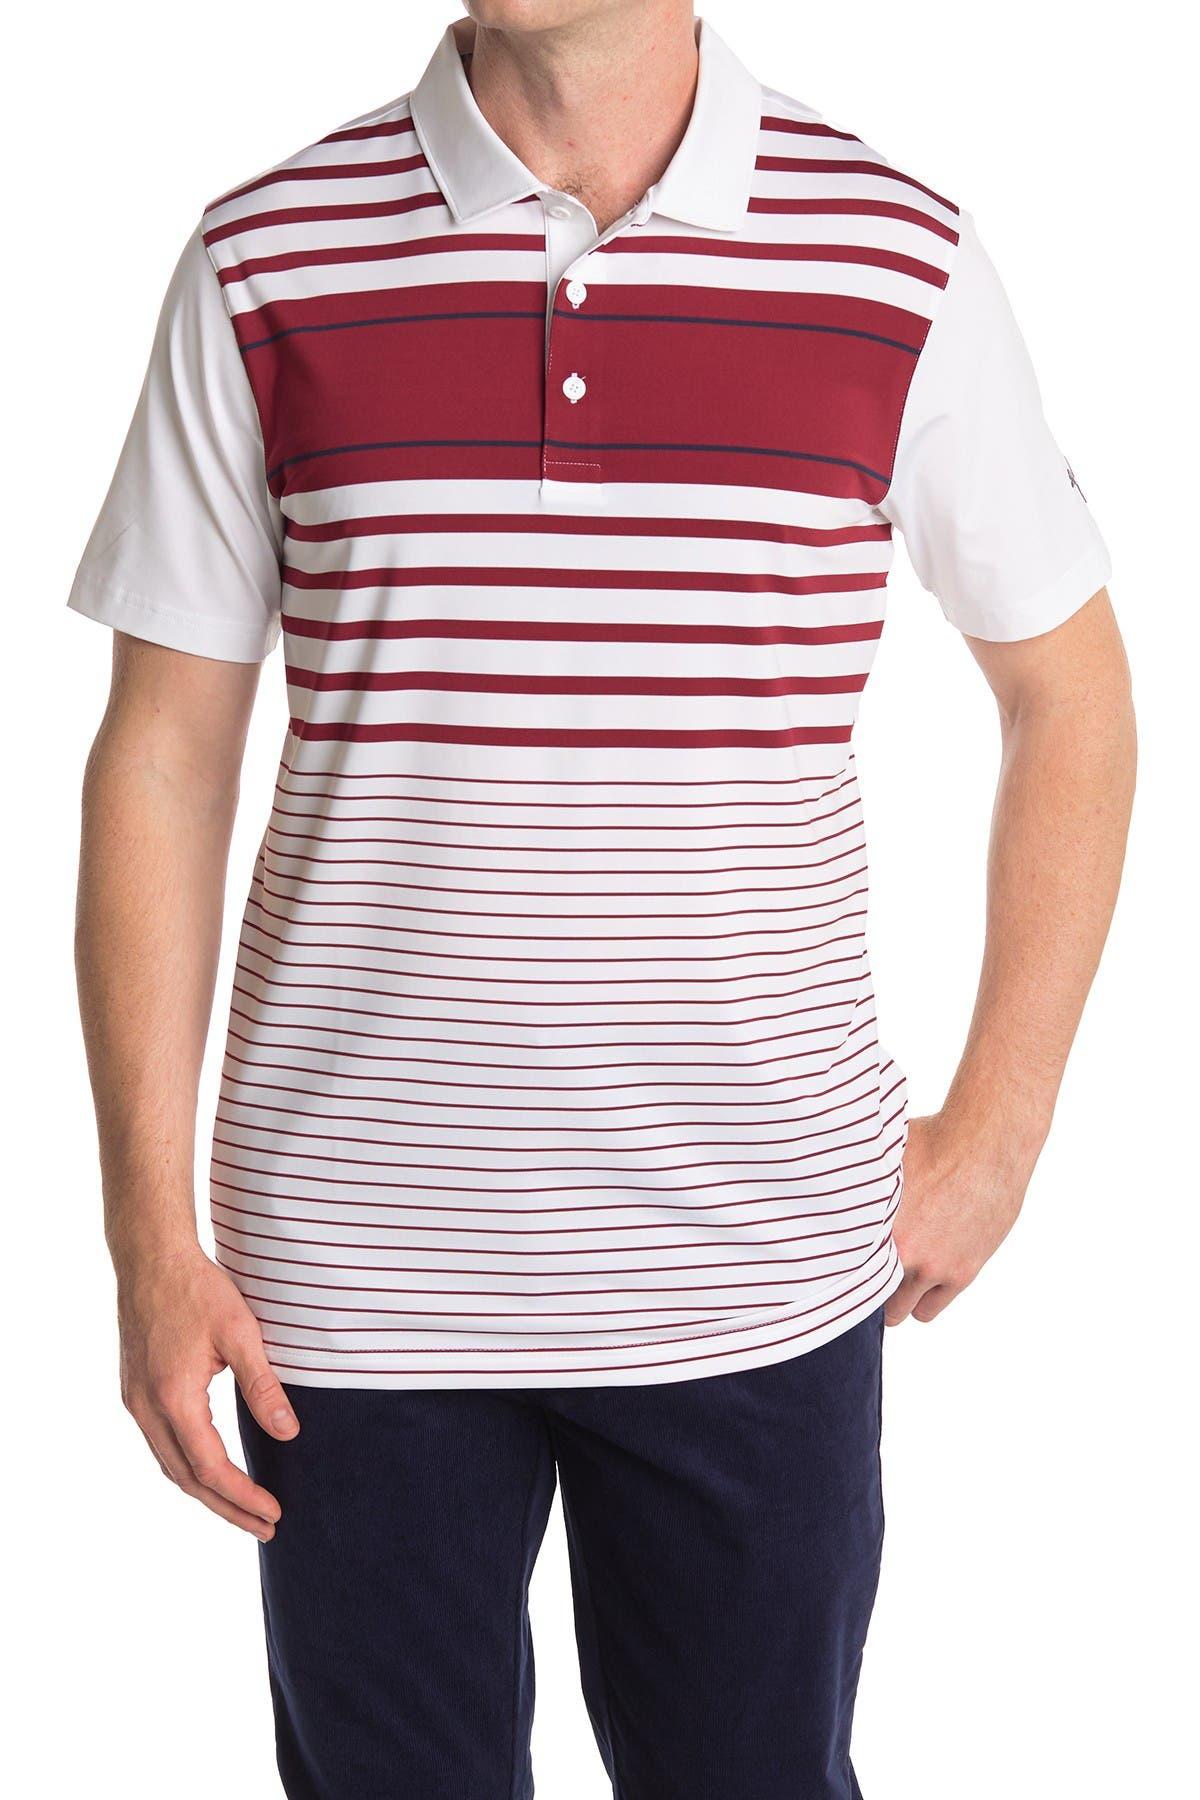 Image of PUMA Red Spotlight Golf Polo